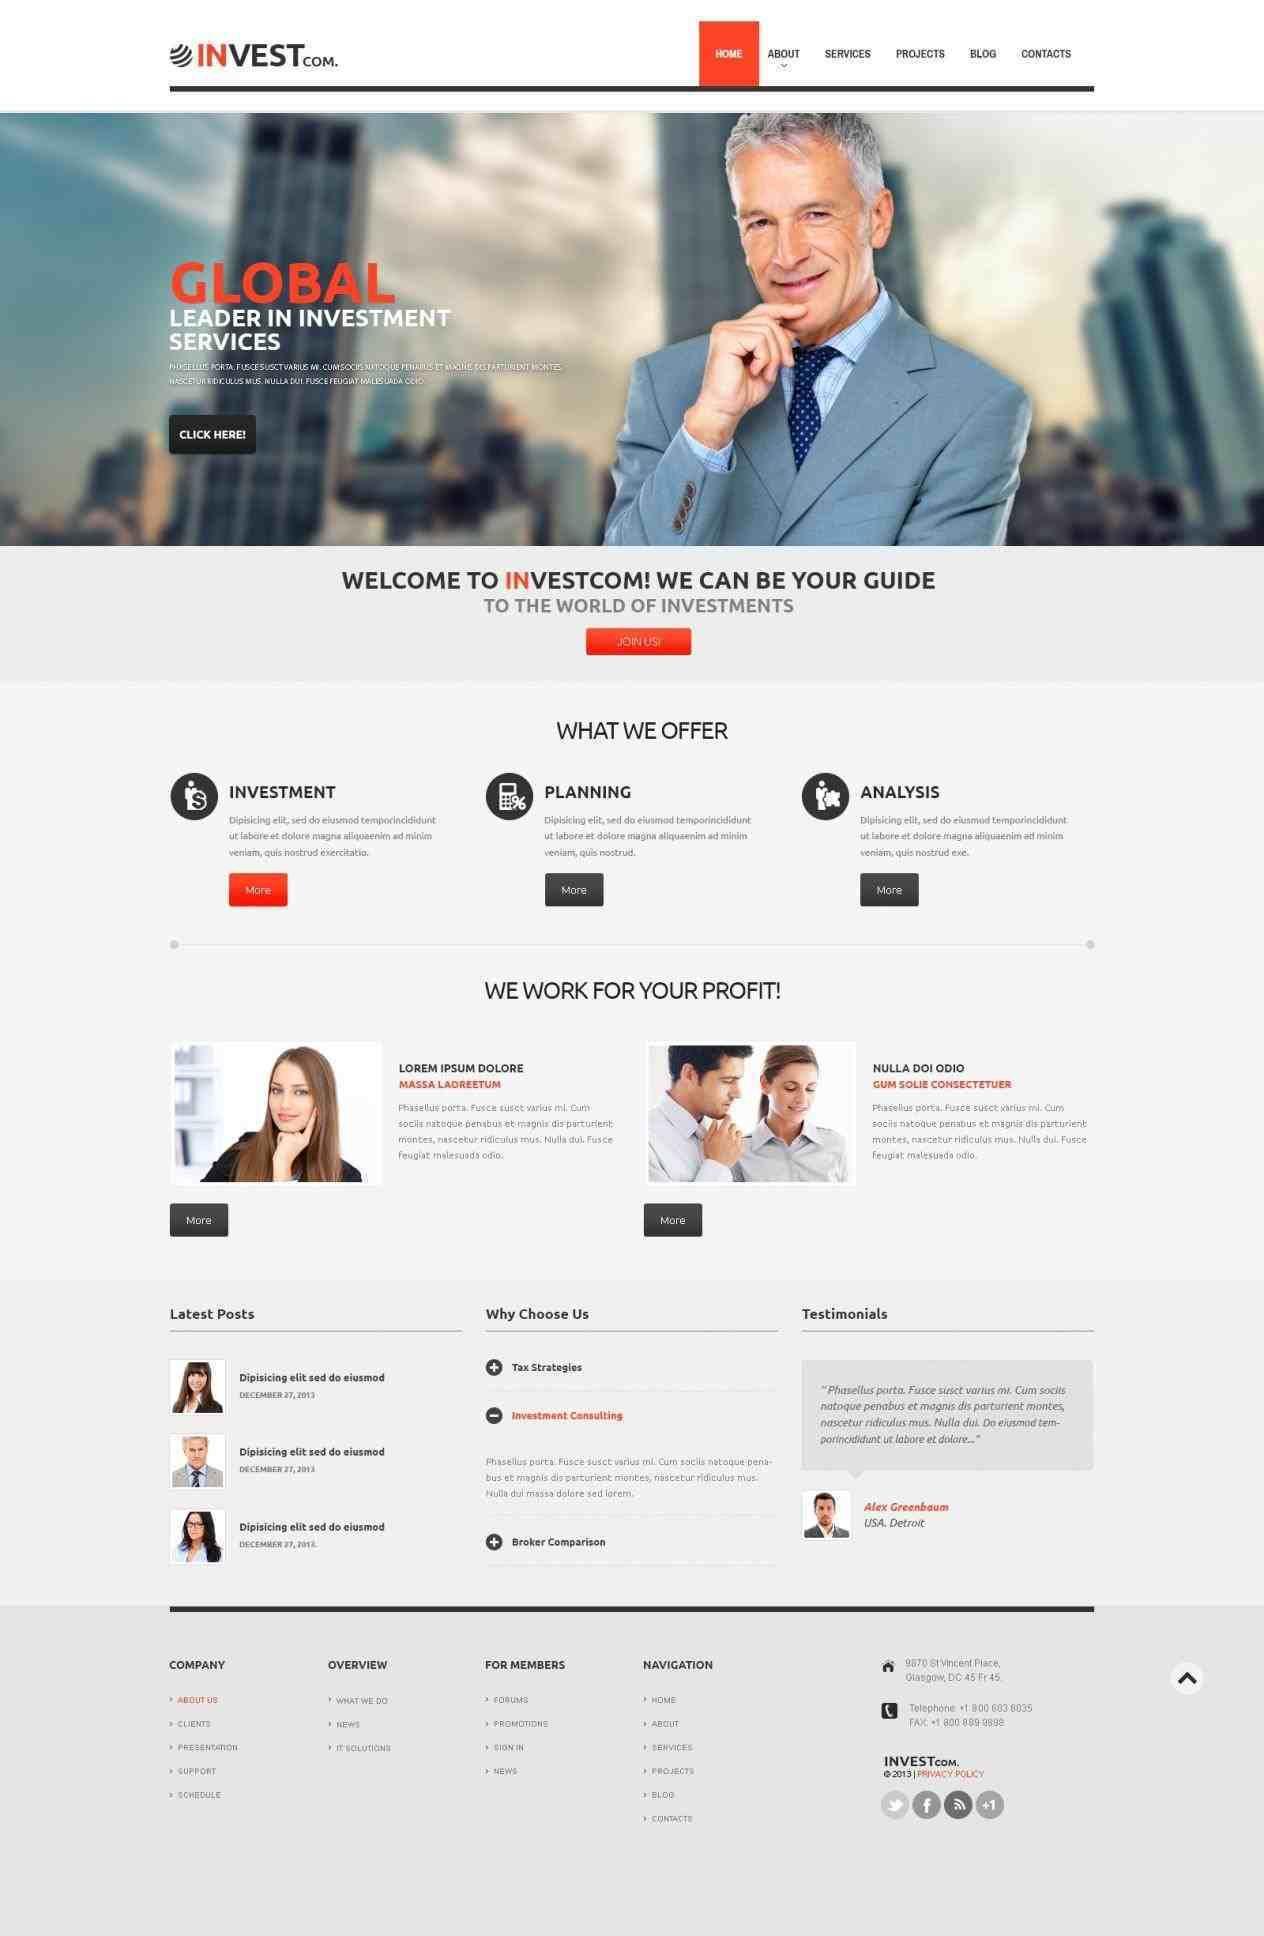 templates brand design navigator financial advisor newsletter